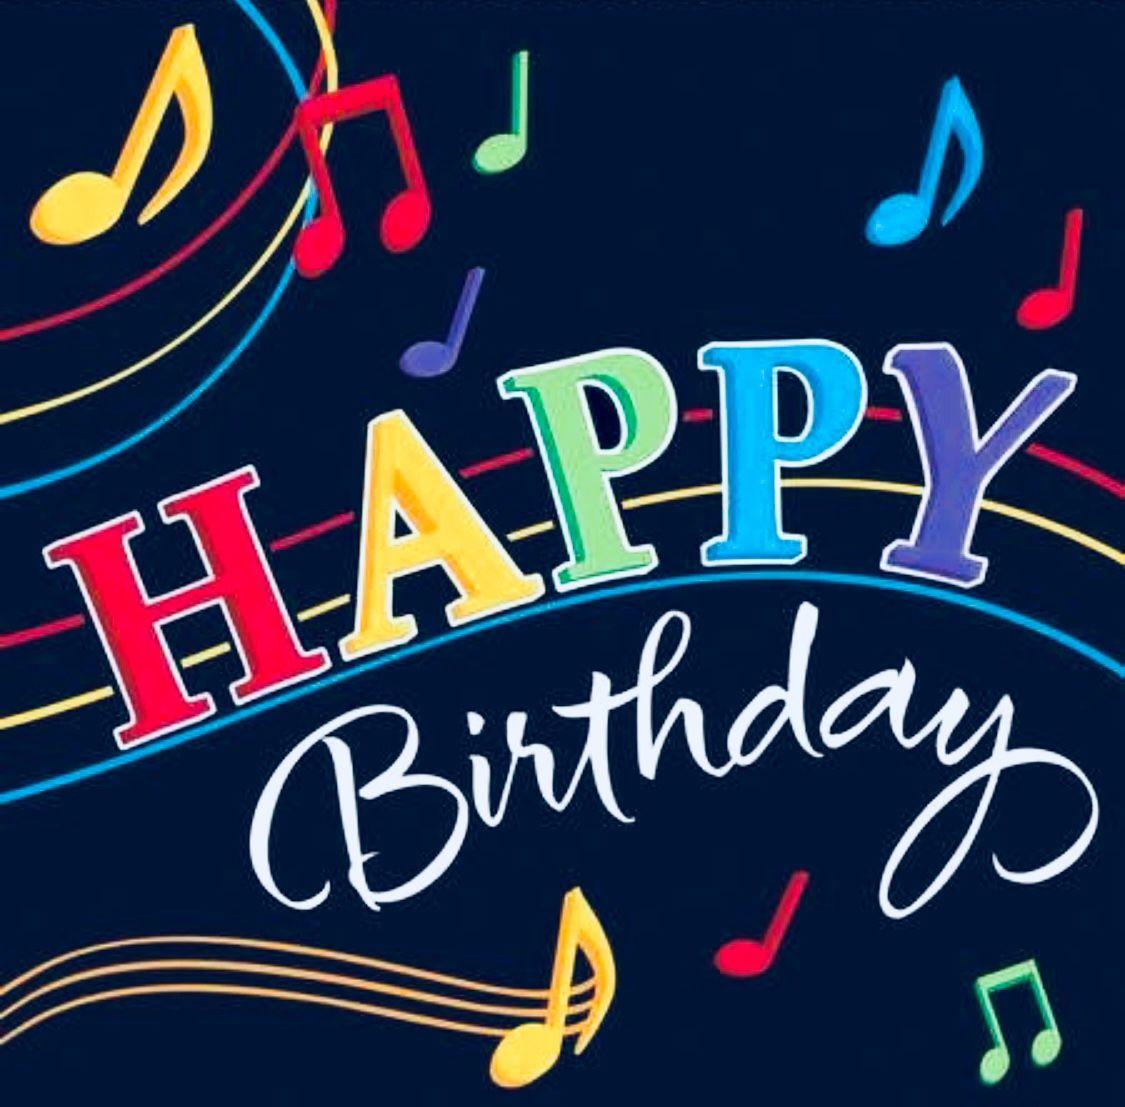 С днем рождения открытка музыкант